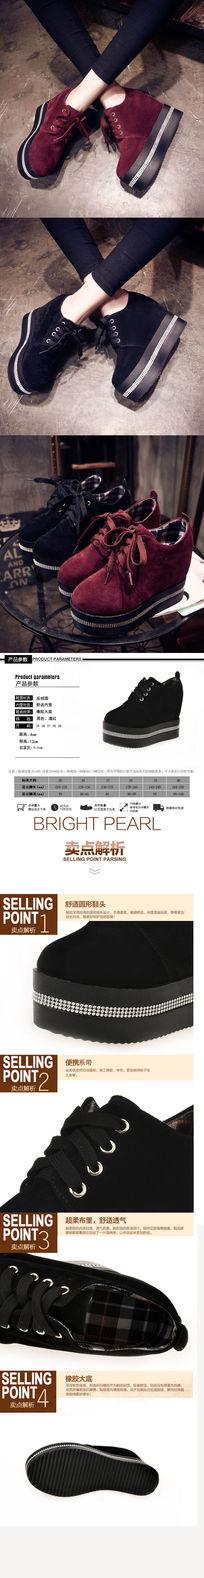 淘宝休闲鞋描述模板psd分层素材